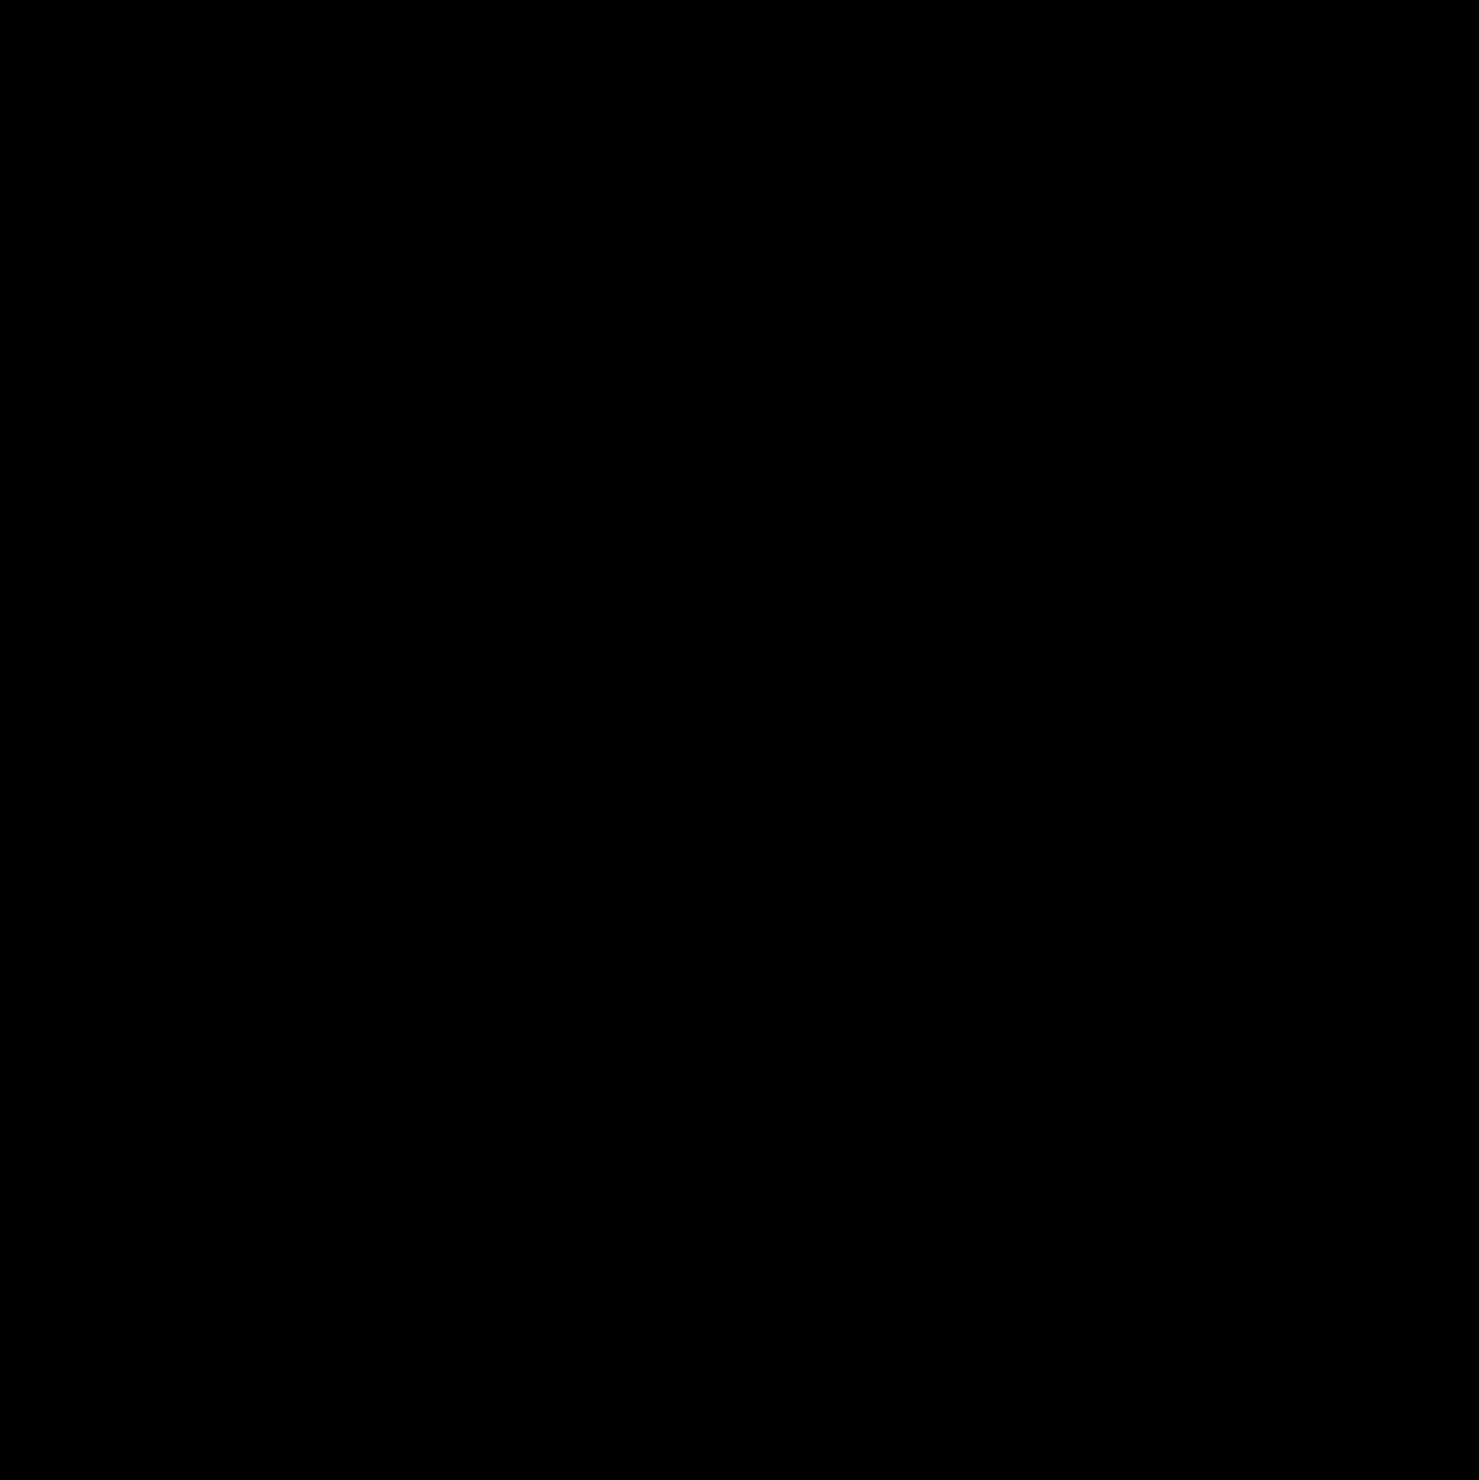 McKeeRisk_Icons2-02